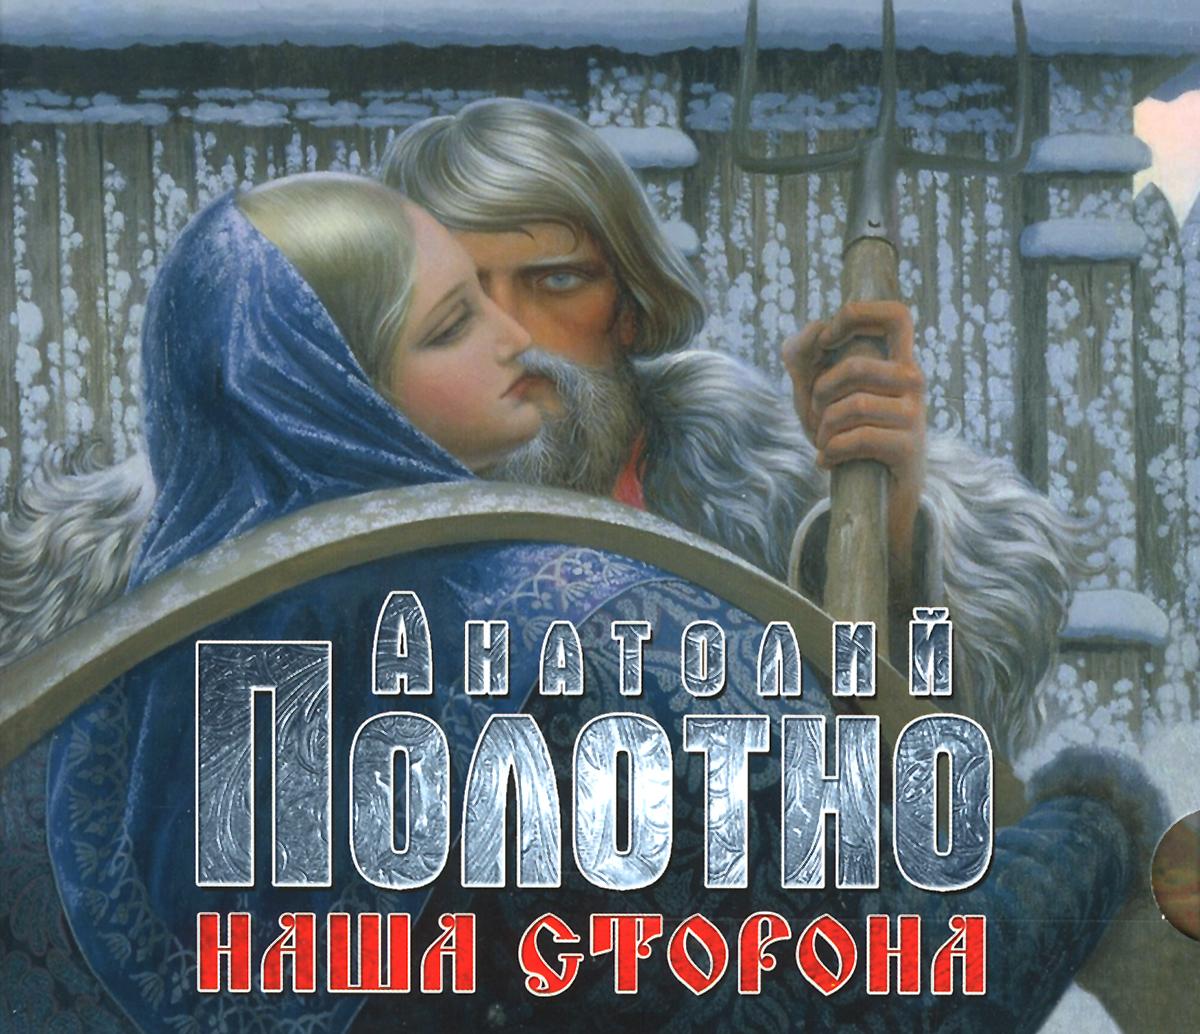 Анатолий Полотно Анатолий Полотно. Наша сторона николай оганесов анатолий мацаков лицо в кадре